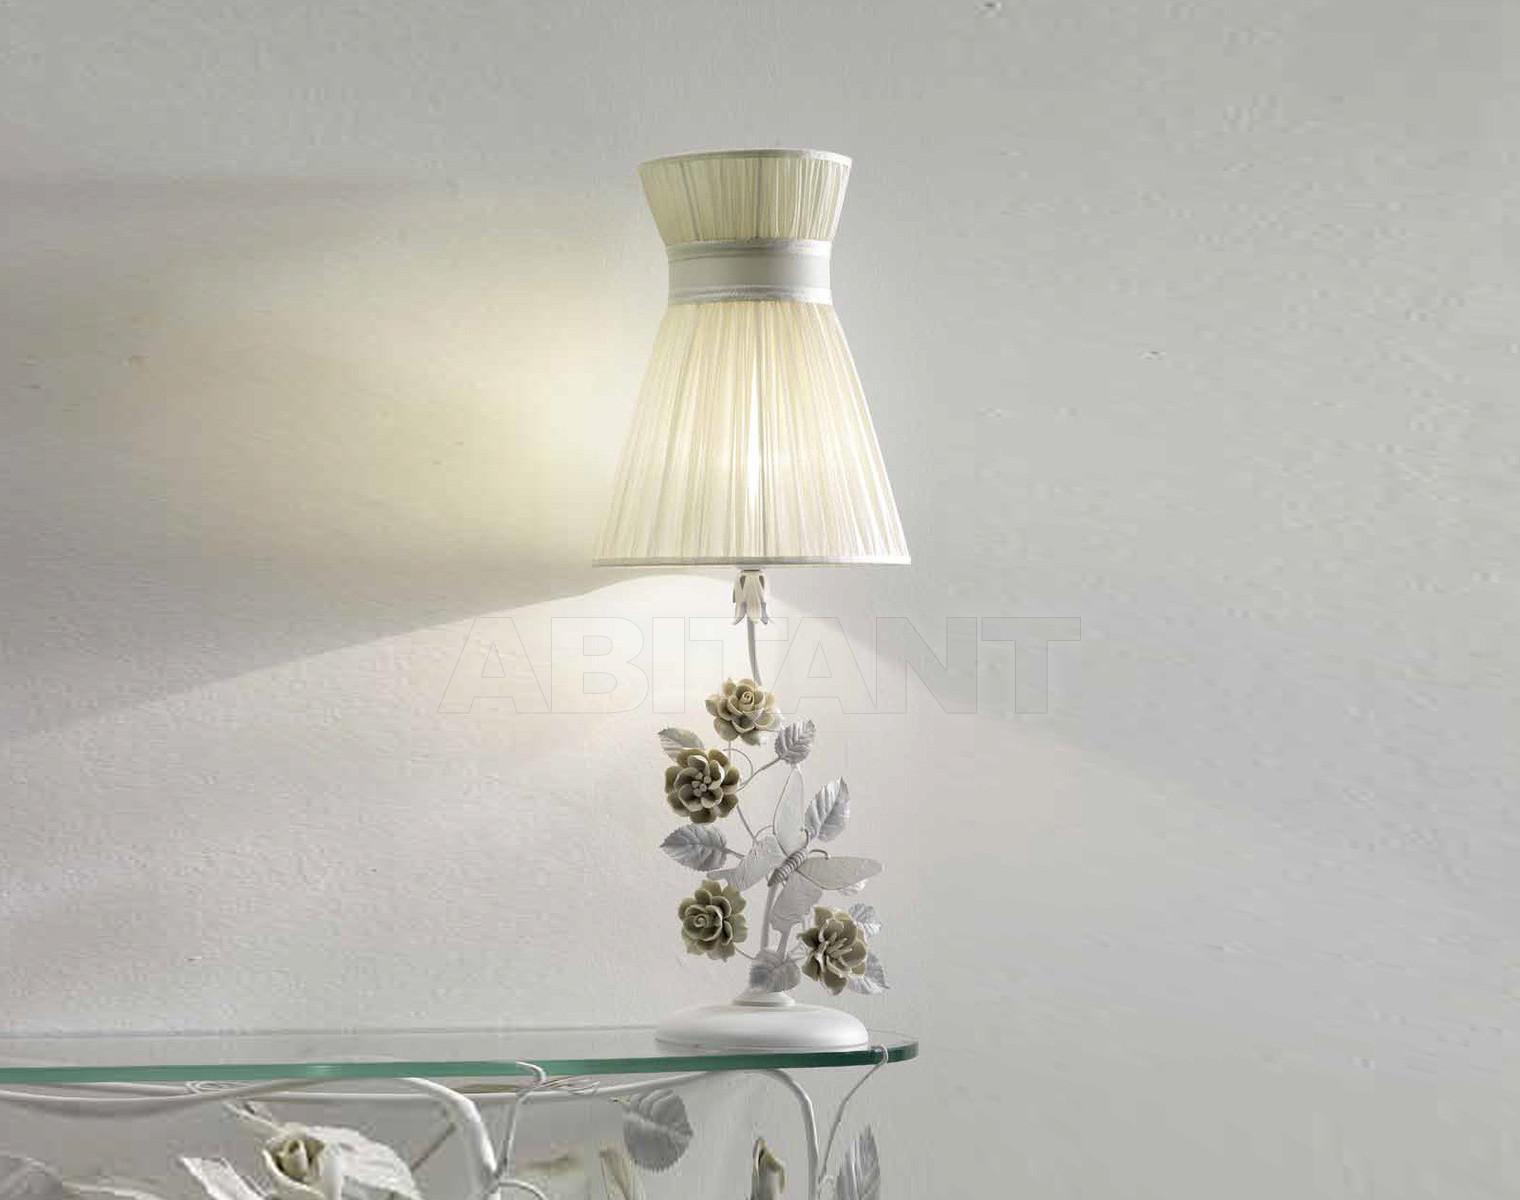 Купить Лампа настольная Villari Home And Lights 4202930-101